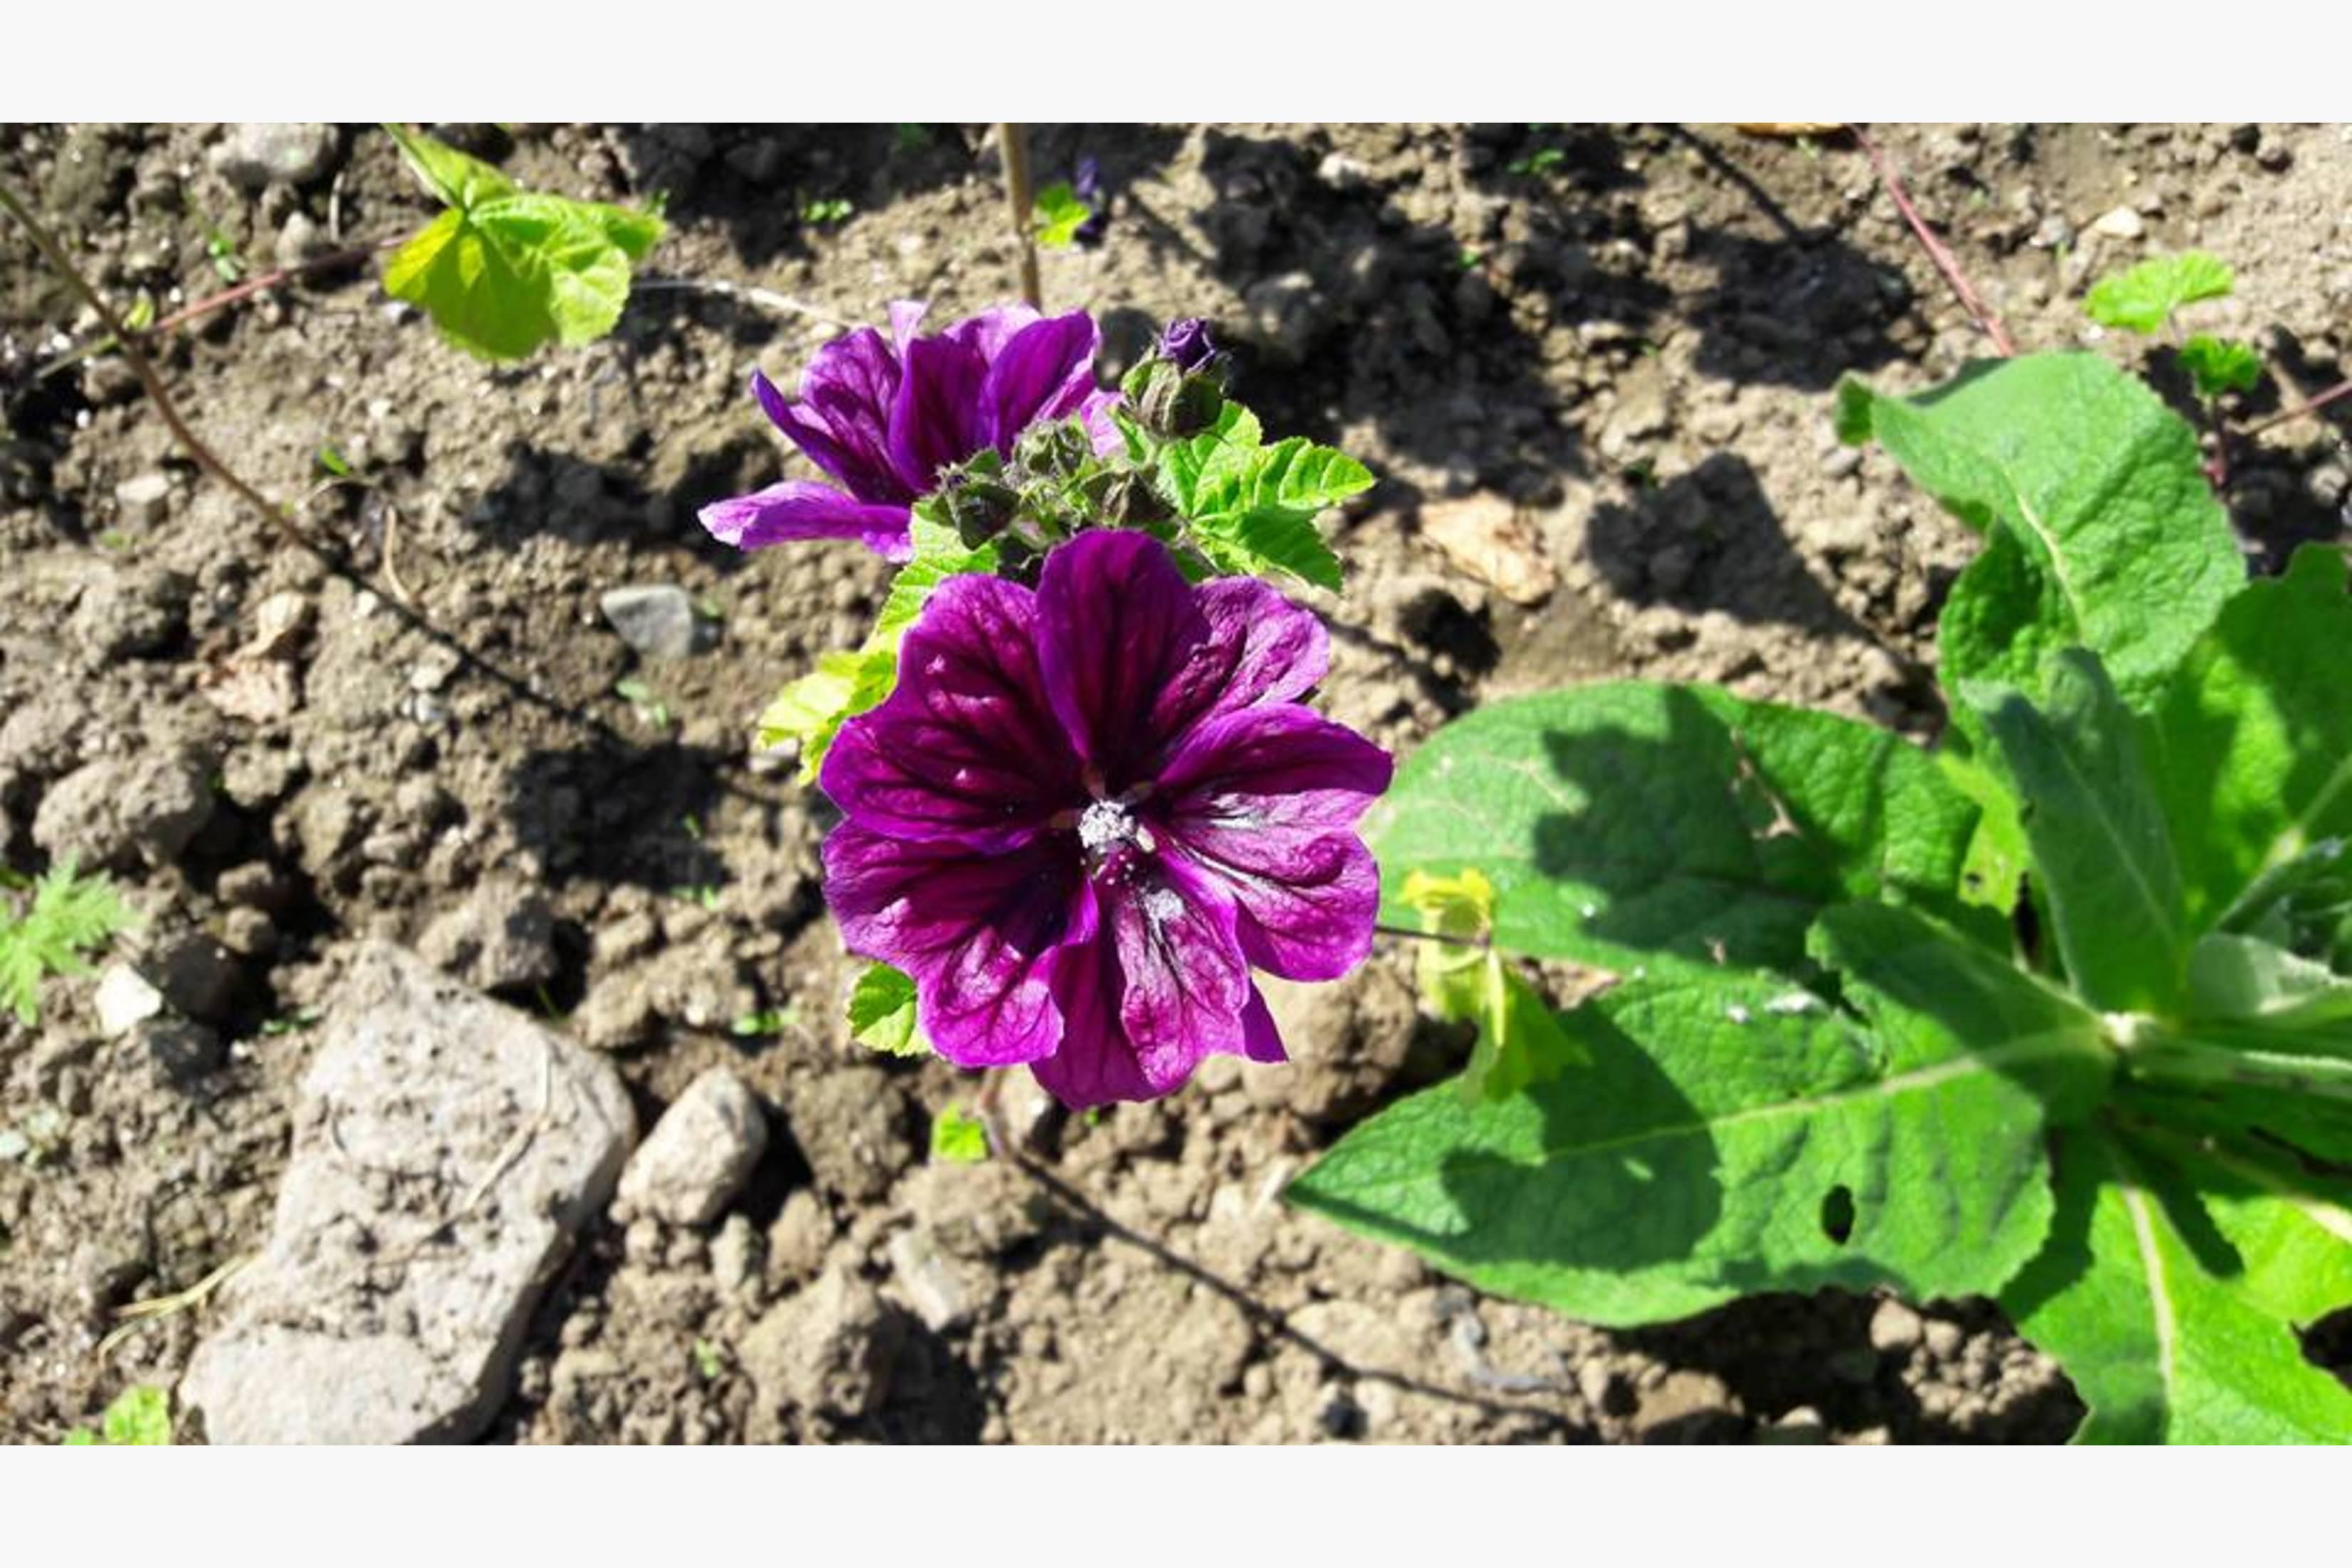 Apotekerkattost eller mauretansk malve er en meget flott og rikelig blomstrende urt, som også kan spises enten i salat eller som kakepynt. I tillegg er det en fin og mild medisinplante.